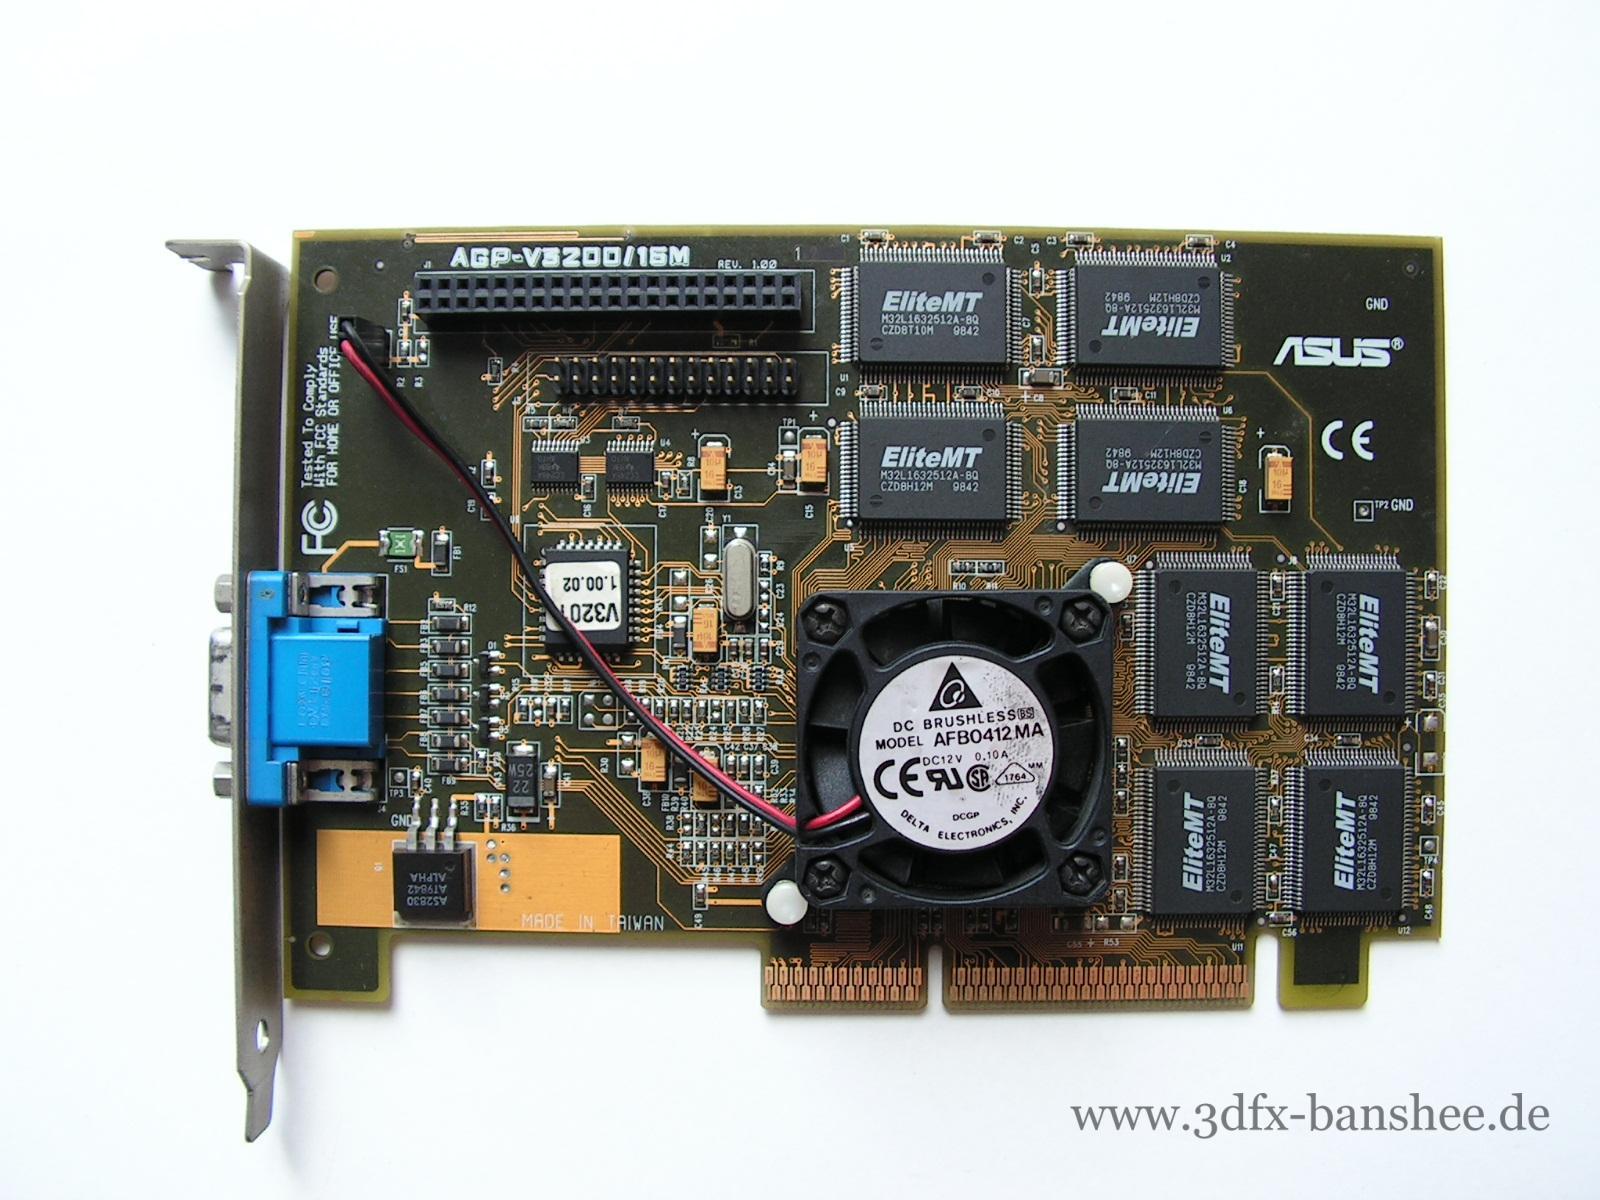 Asus V3200 16M Rev. 1.0 - Front